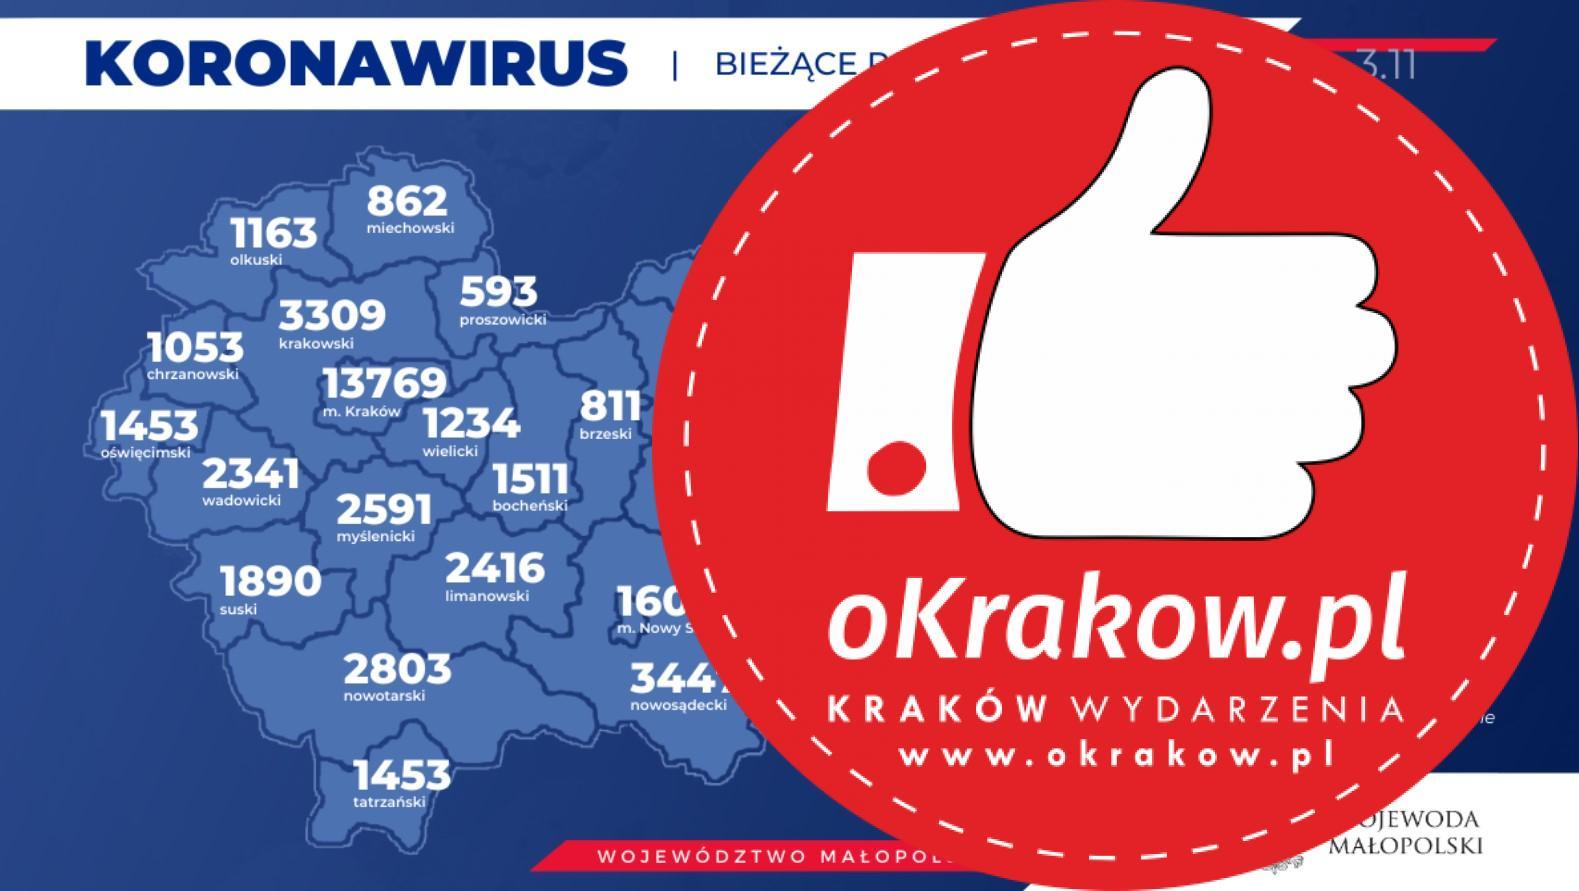 2 - Koronawirus w Małopolsce. Aktualne dane.